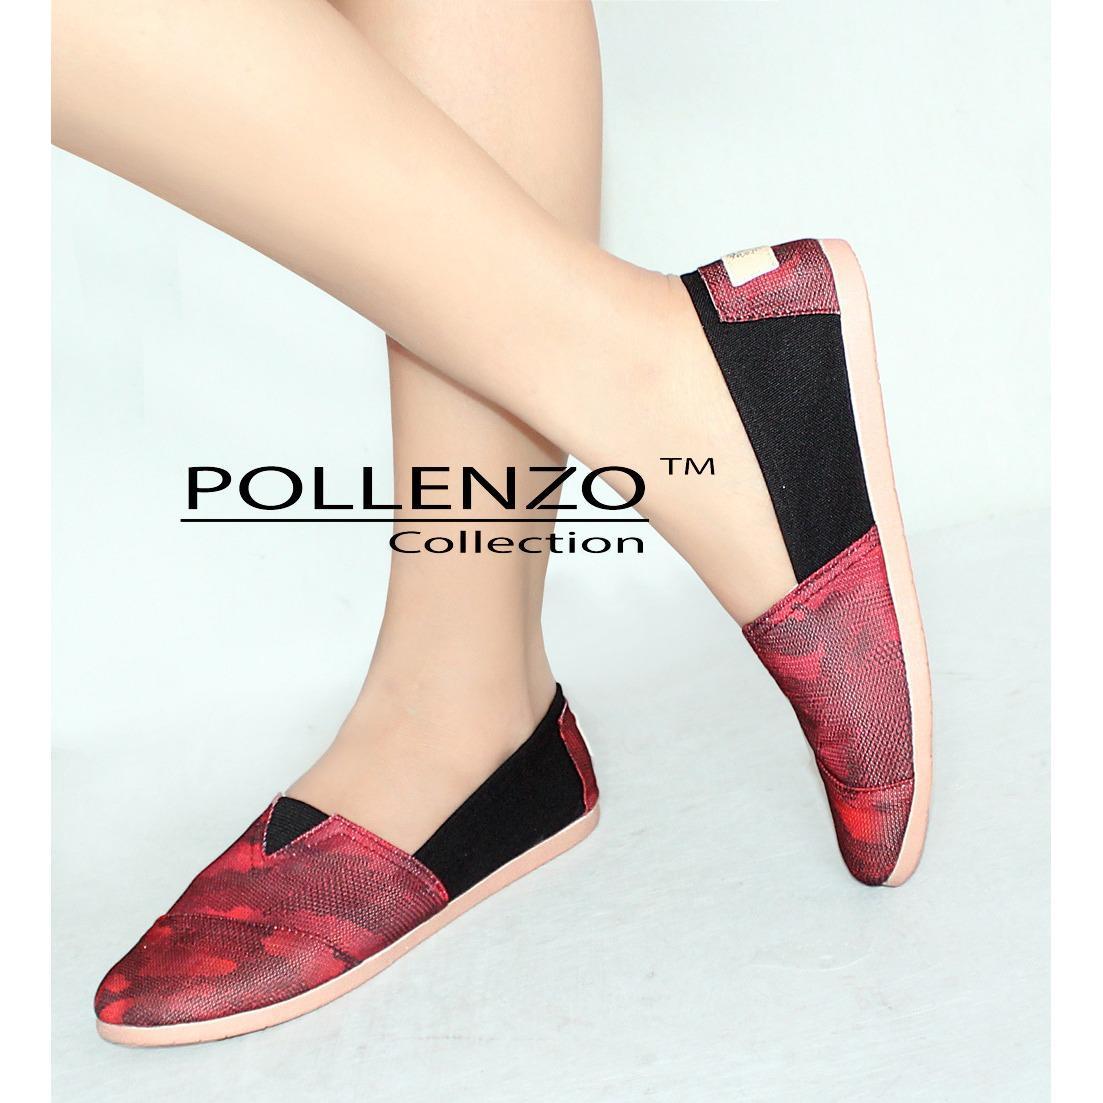 Toko Pollenzo Sepatu Kanvas Slip On Wanita Online Jawa Barat